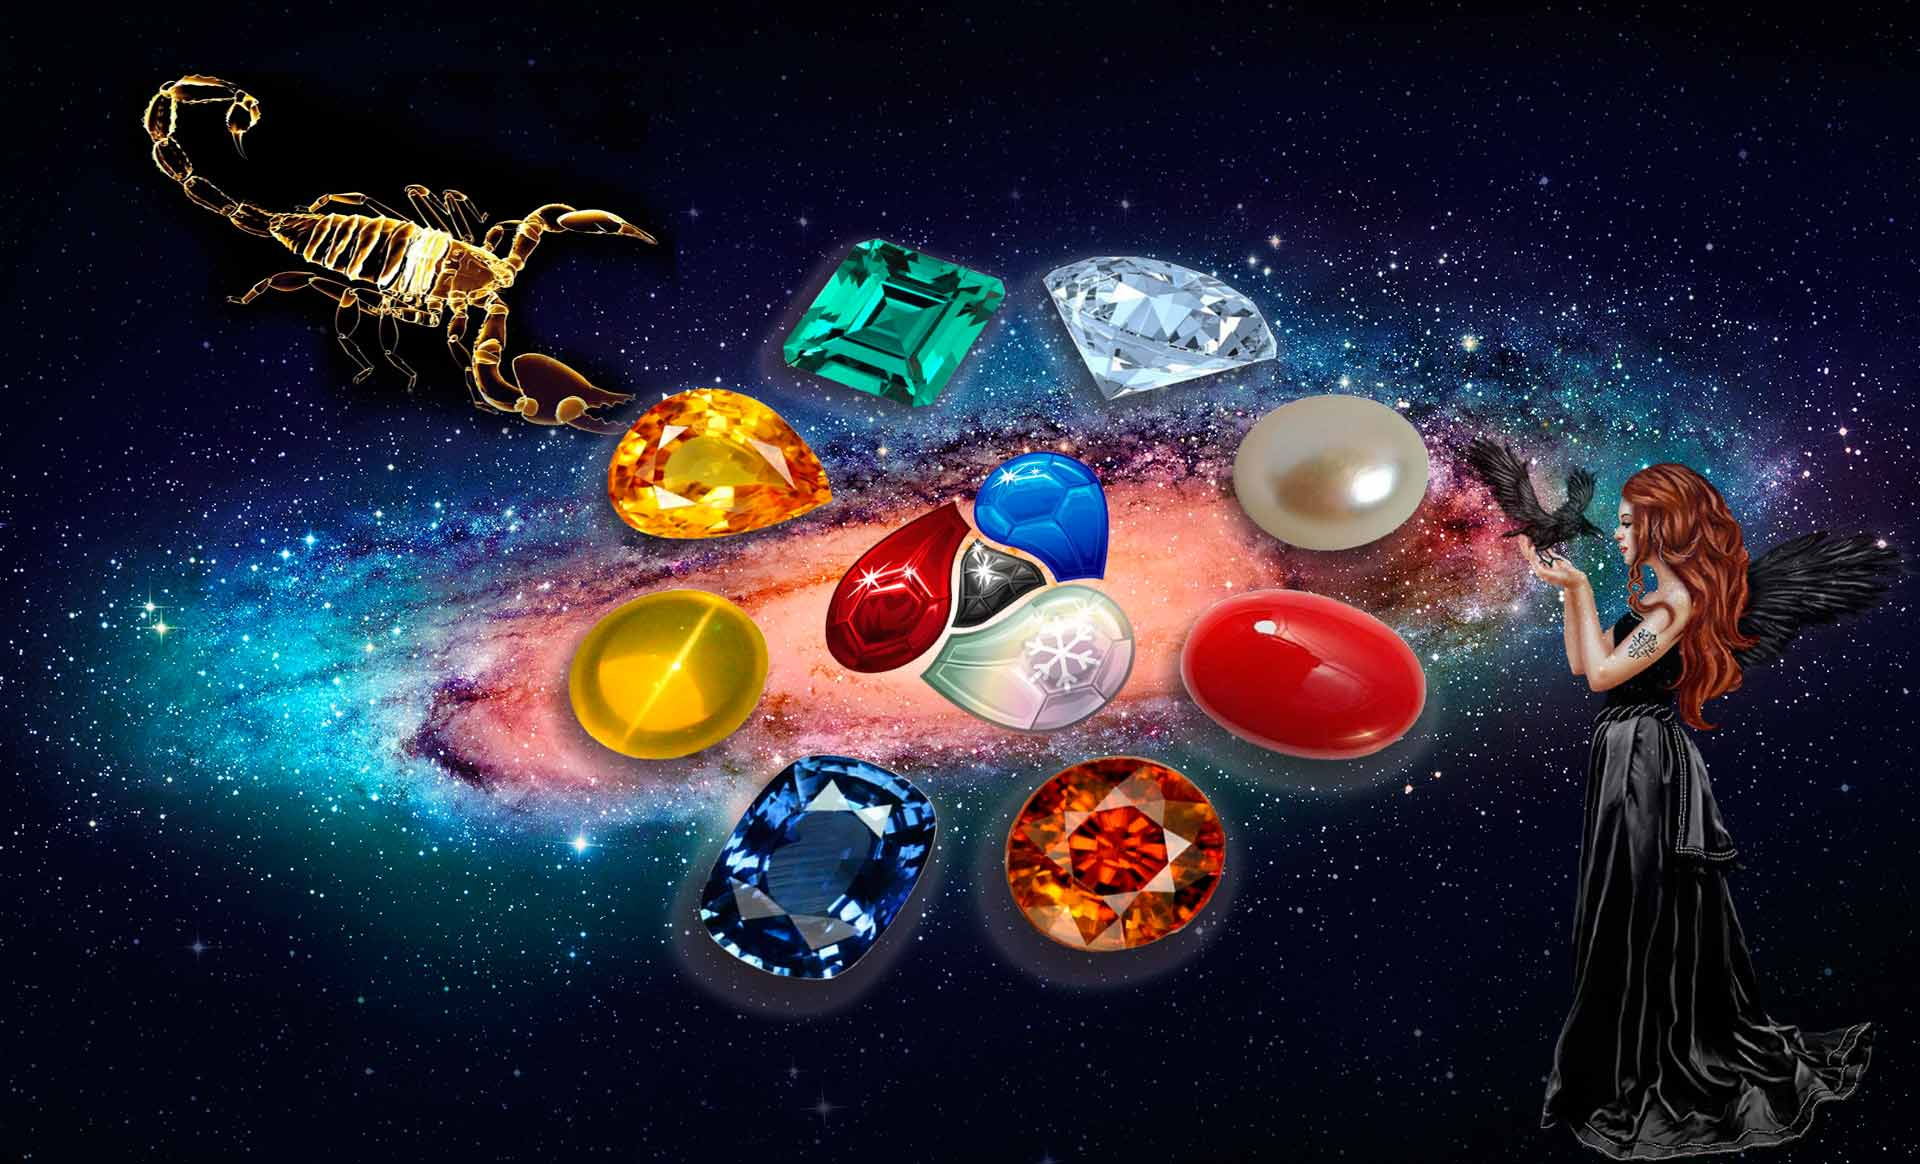 камень оберег за зодиаком